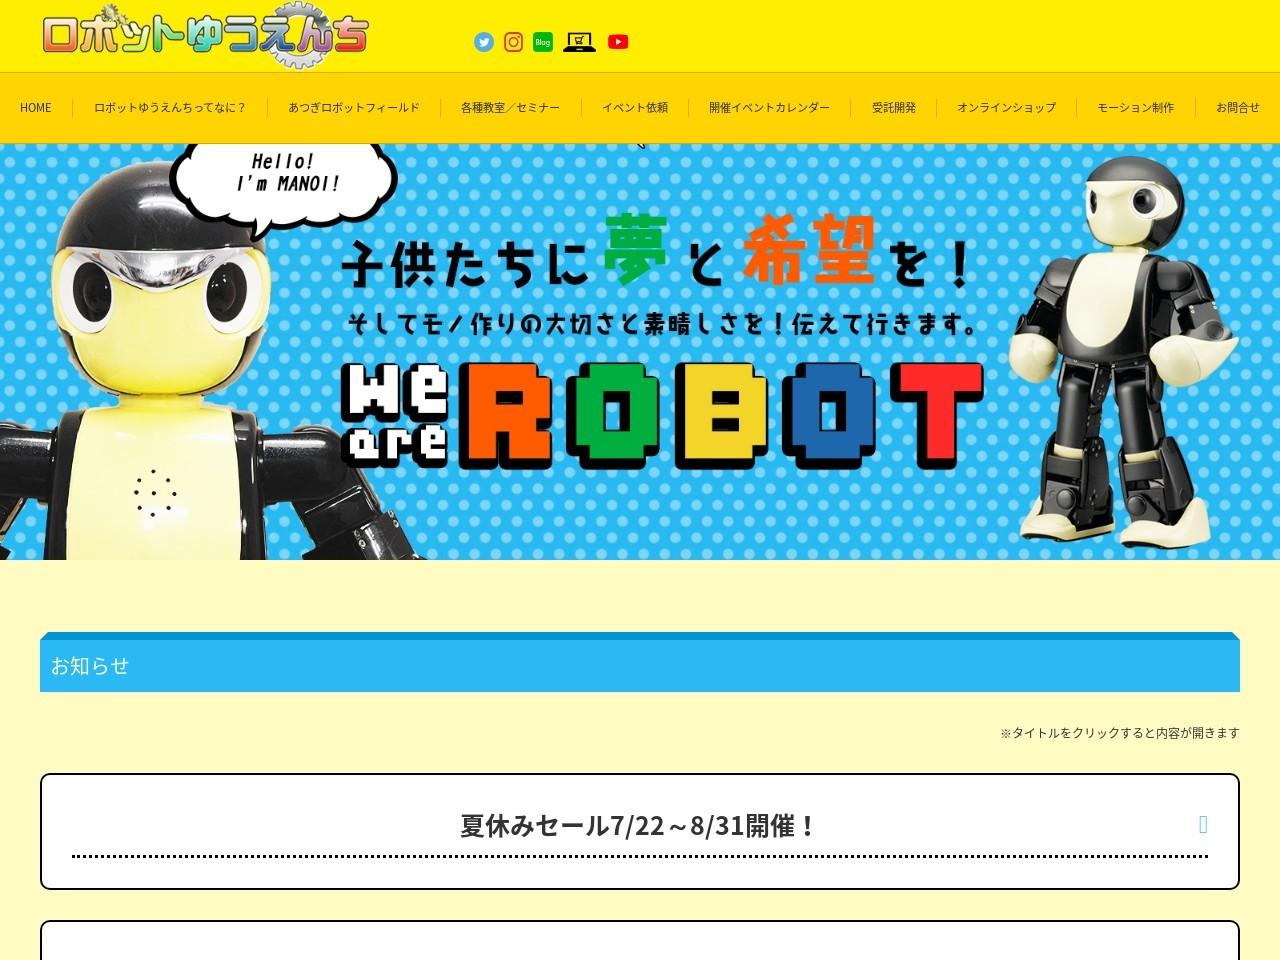 ロボットゆうえんち | -ロボットイベントの企画・運営、ホビーロボットの開発・販売-